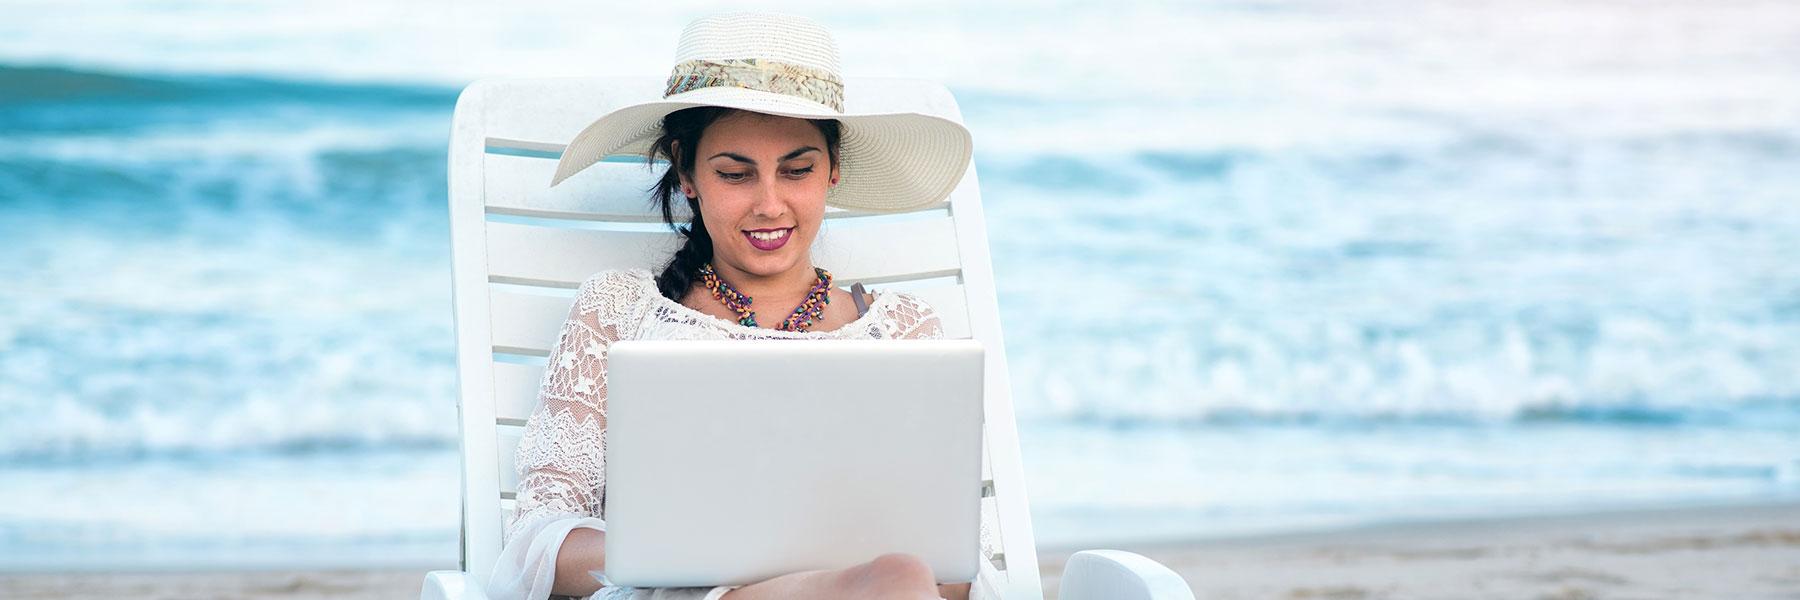 Email Offers at Hillsboro Beach Resort